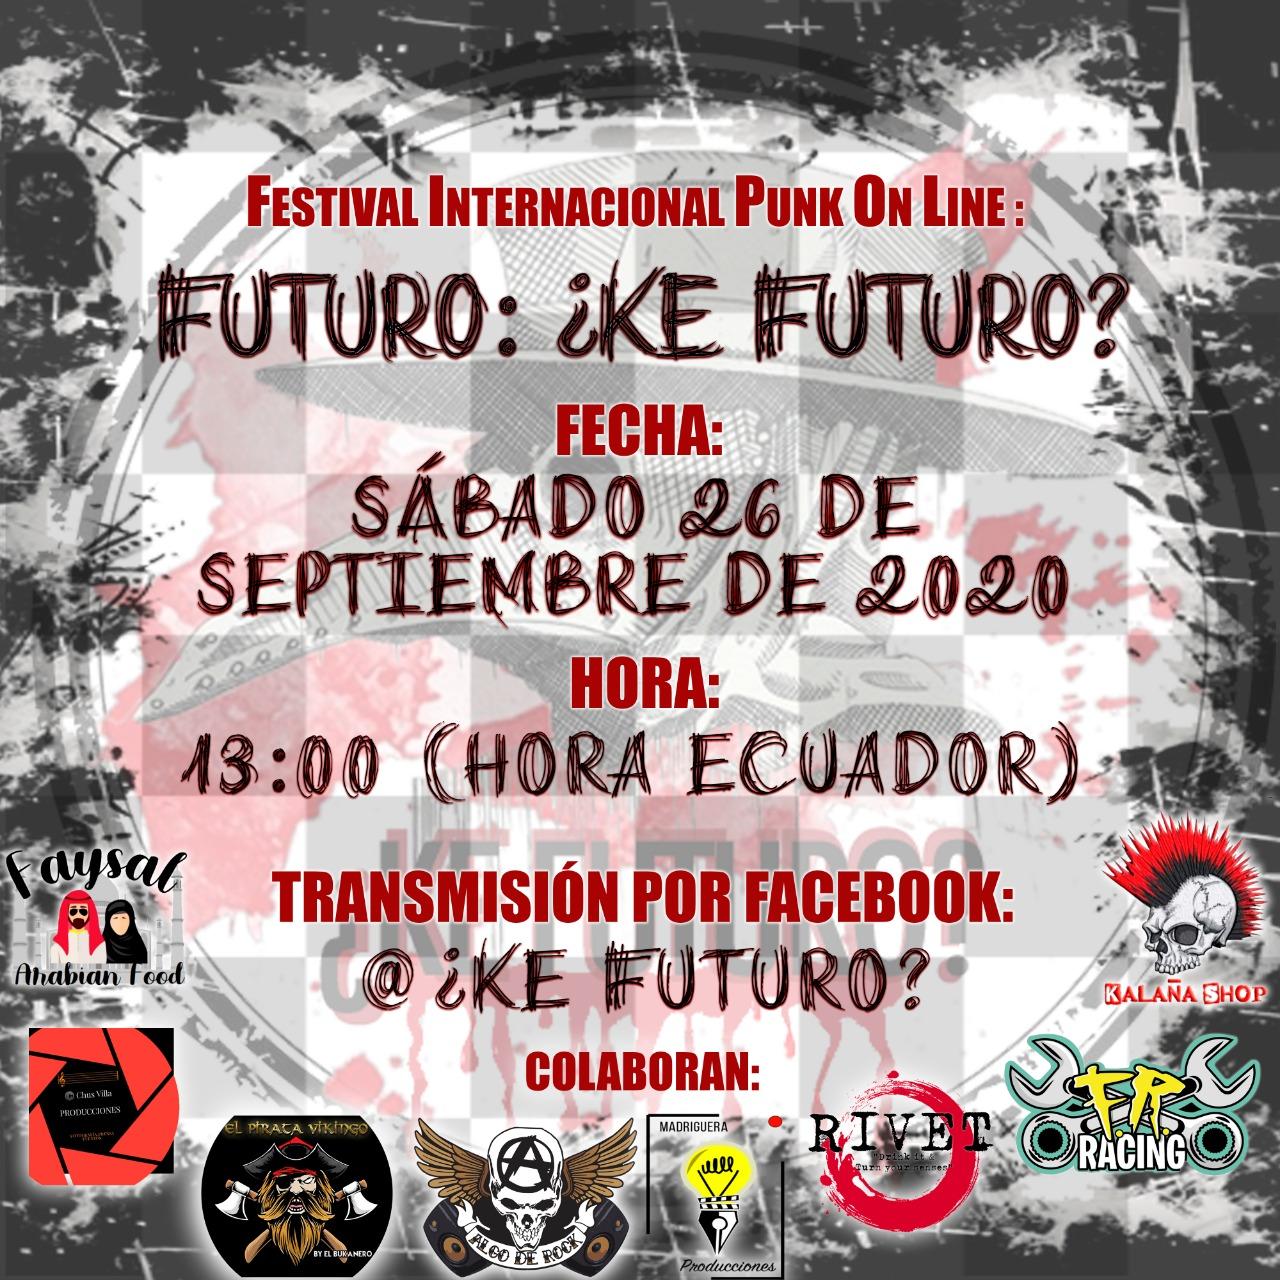 Festival Internacional Punk Futruro: ¿Ke Futuro?